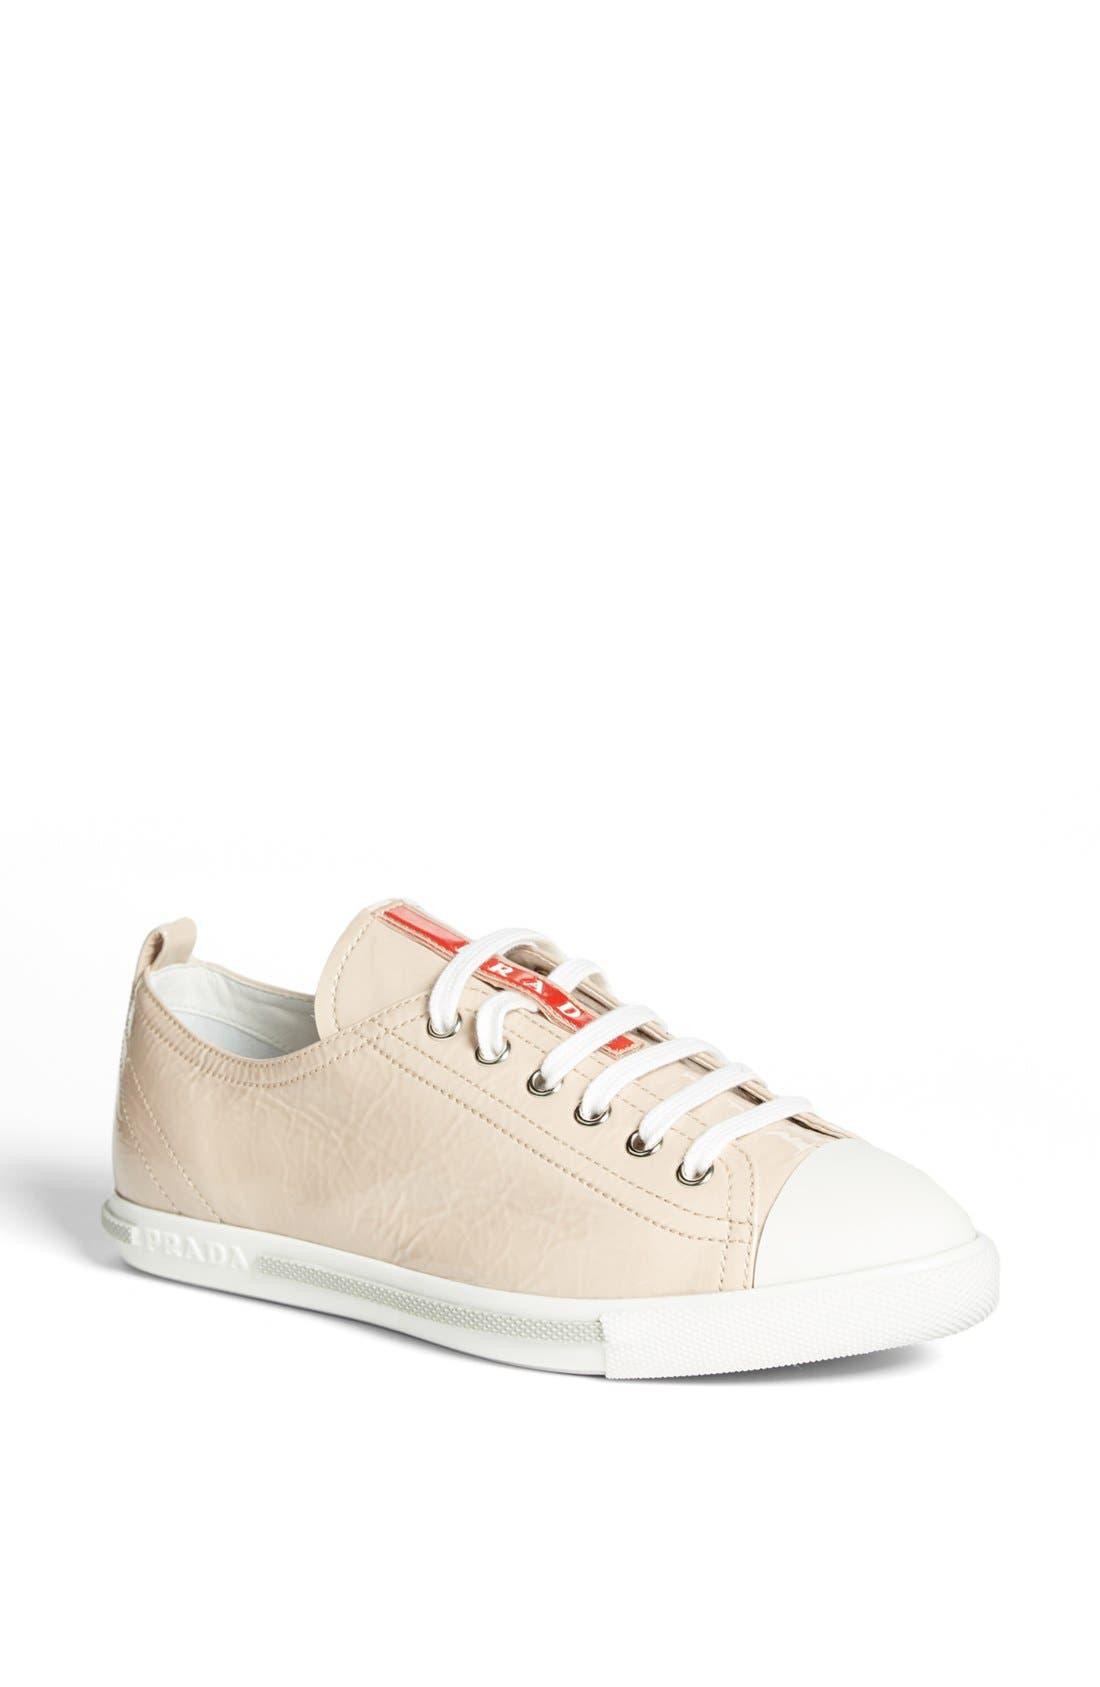 Alternate Image 1 Selected - Prada Low Top Cap Toe Sneaker